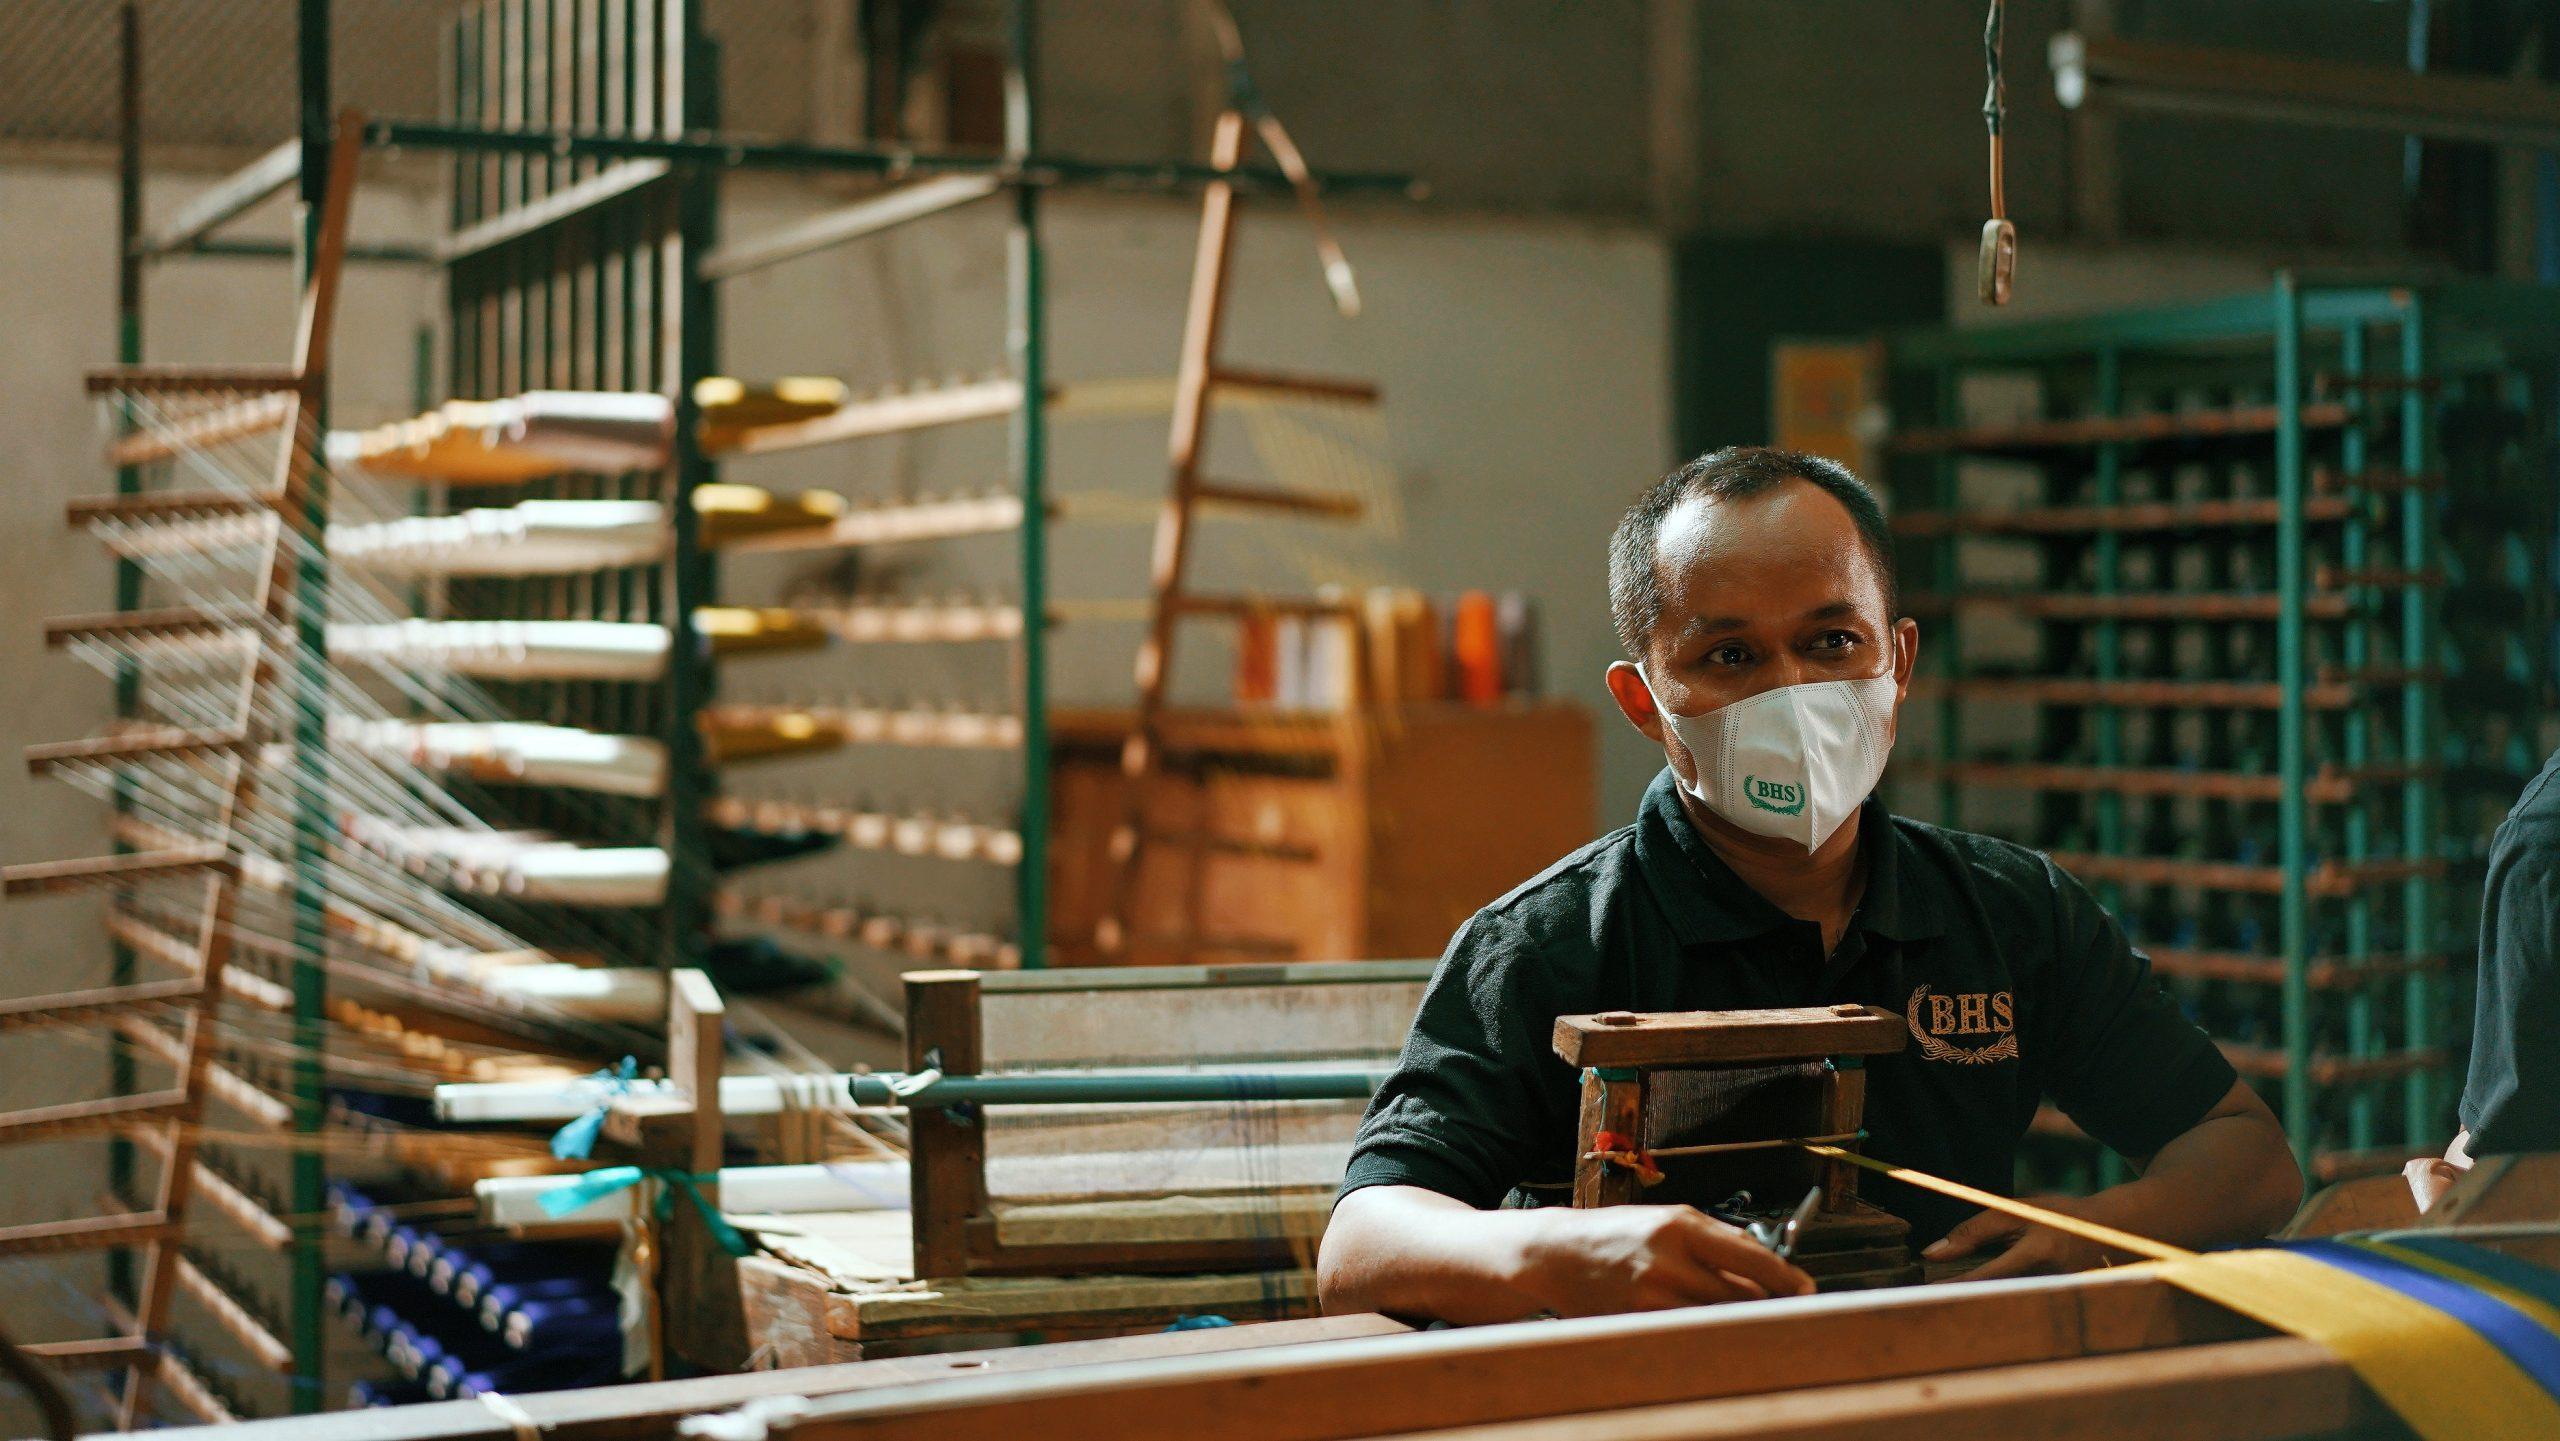 emploi de travailleurs étrangers